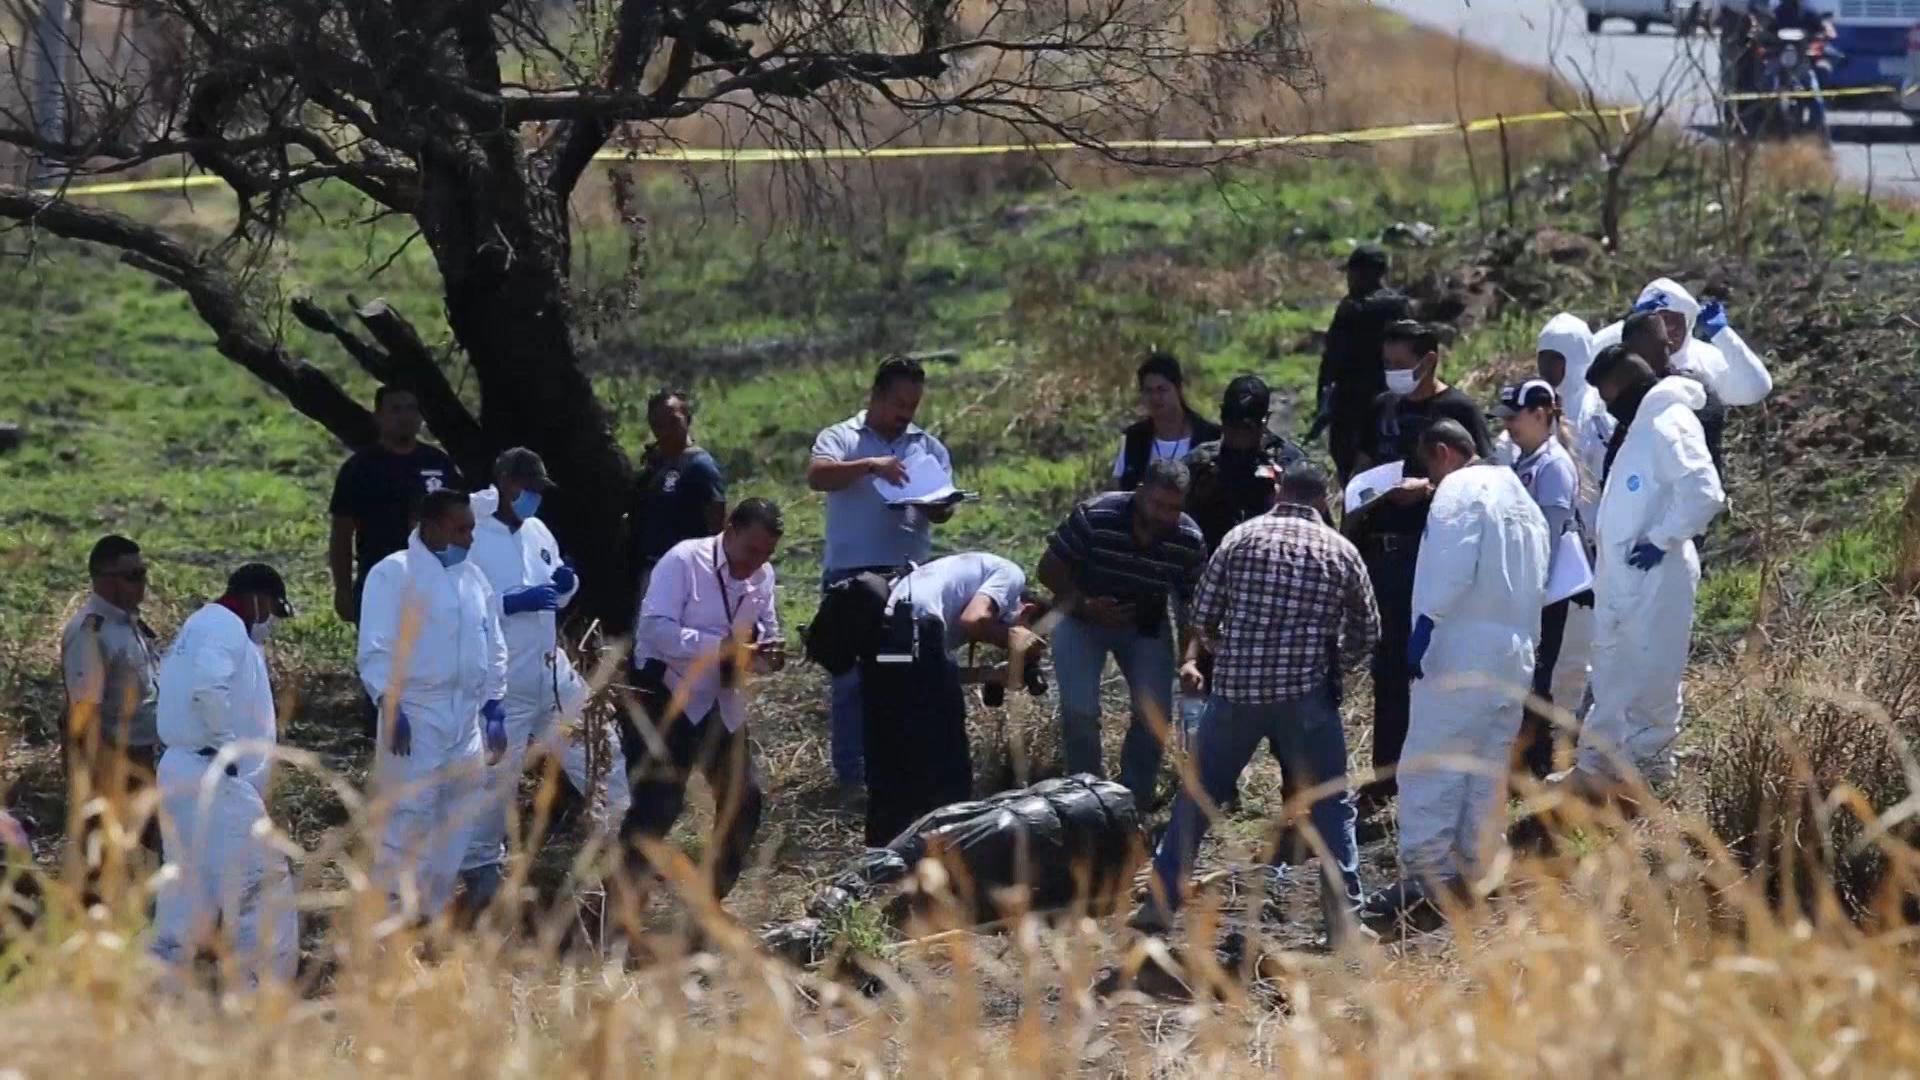 70cb3b510 Encontraron 19 cuerpos embolsados en Ixtlahuacán, Jalisco - Infobae